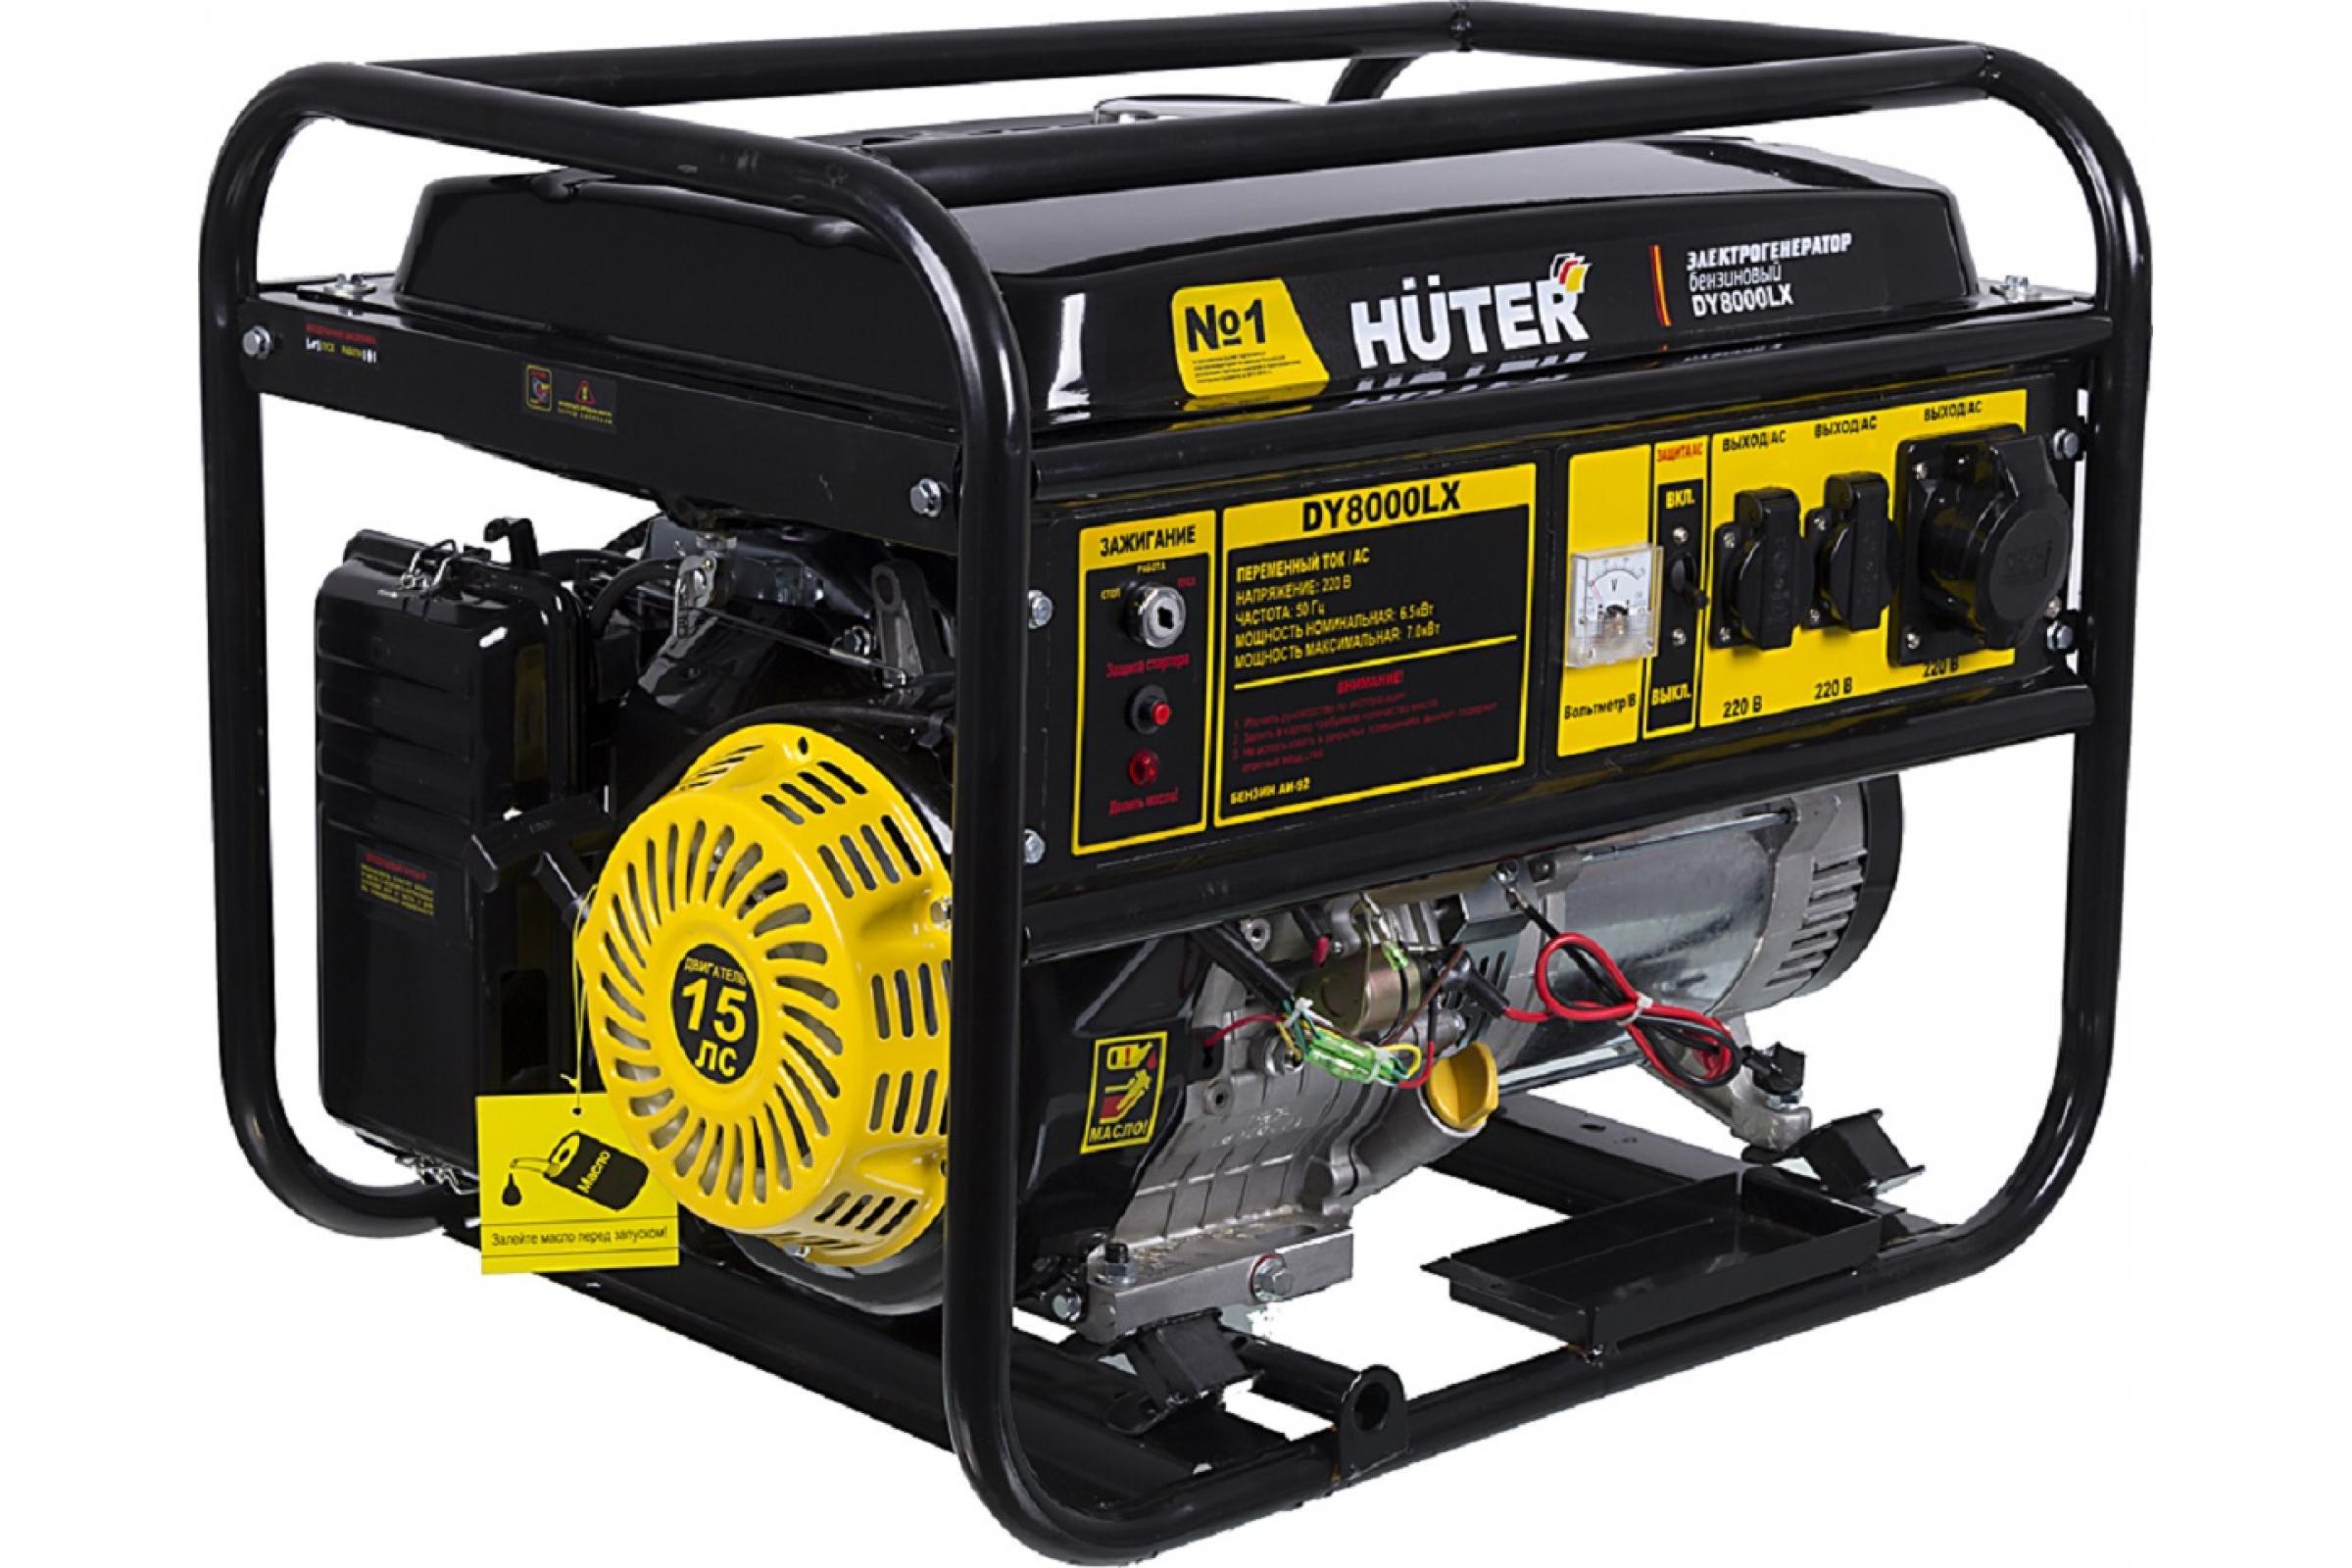 Комбинированный генератор Huter Dy8000lx